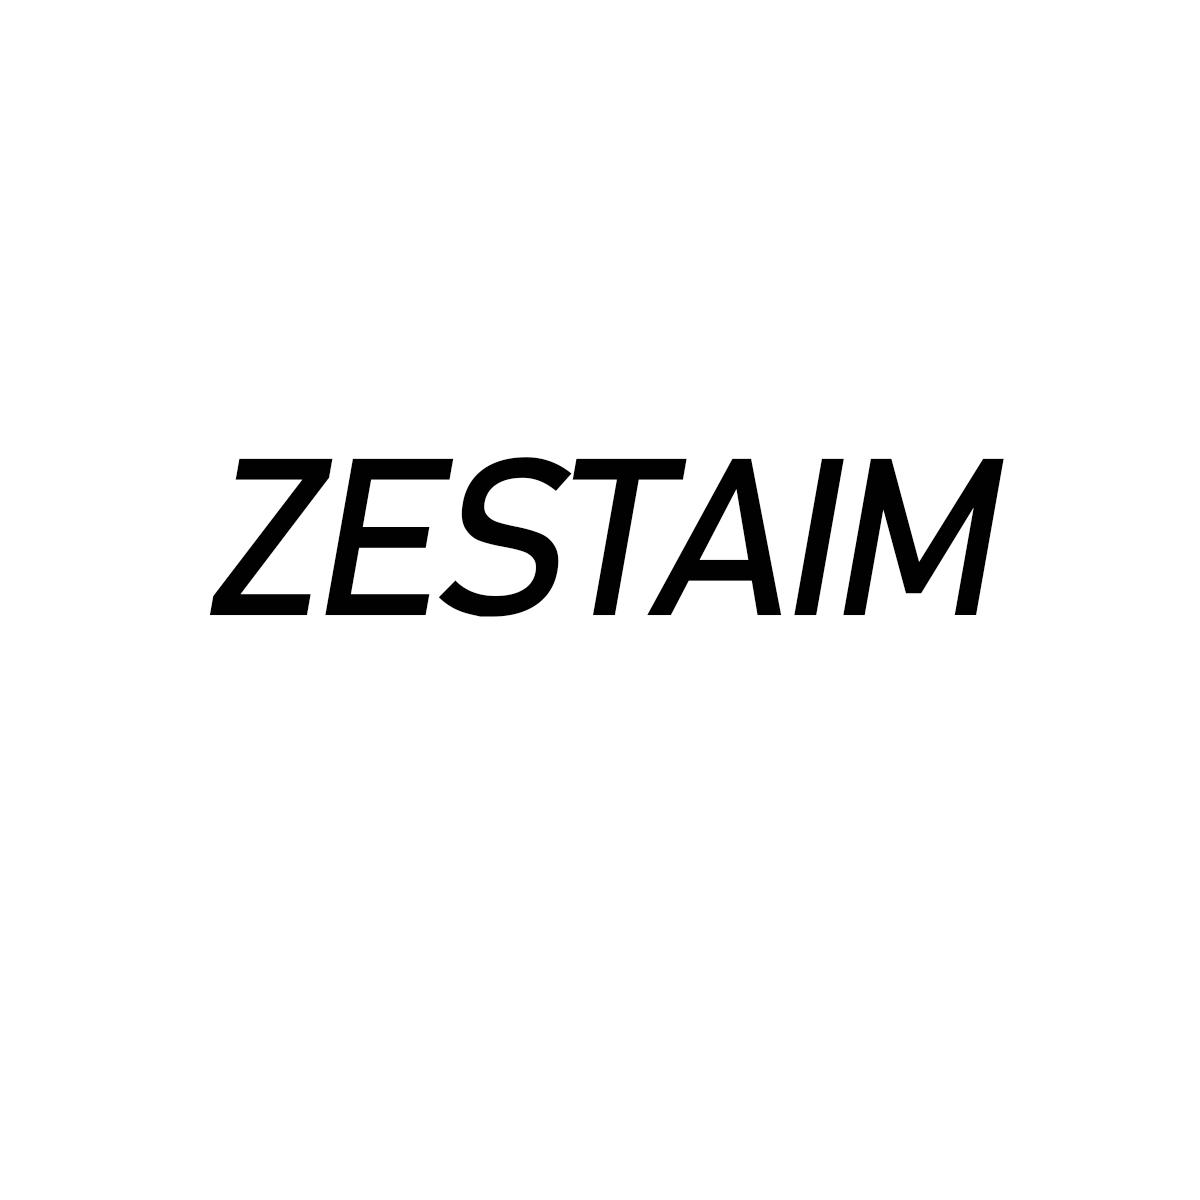 ZESTAIM